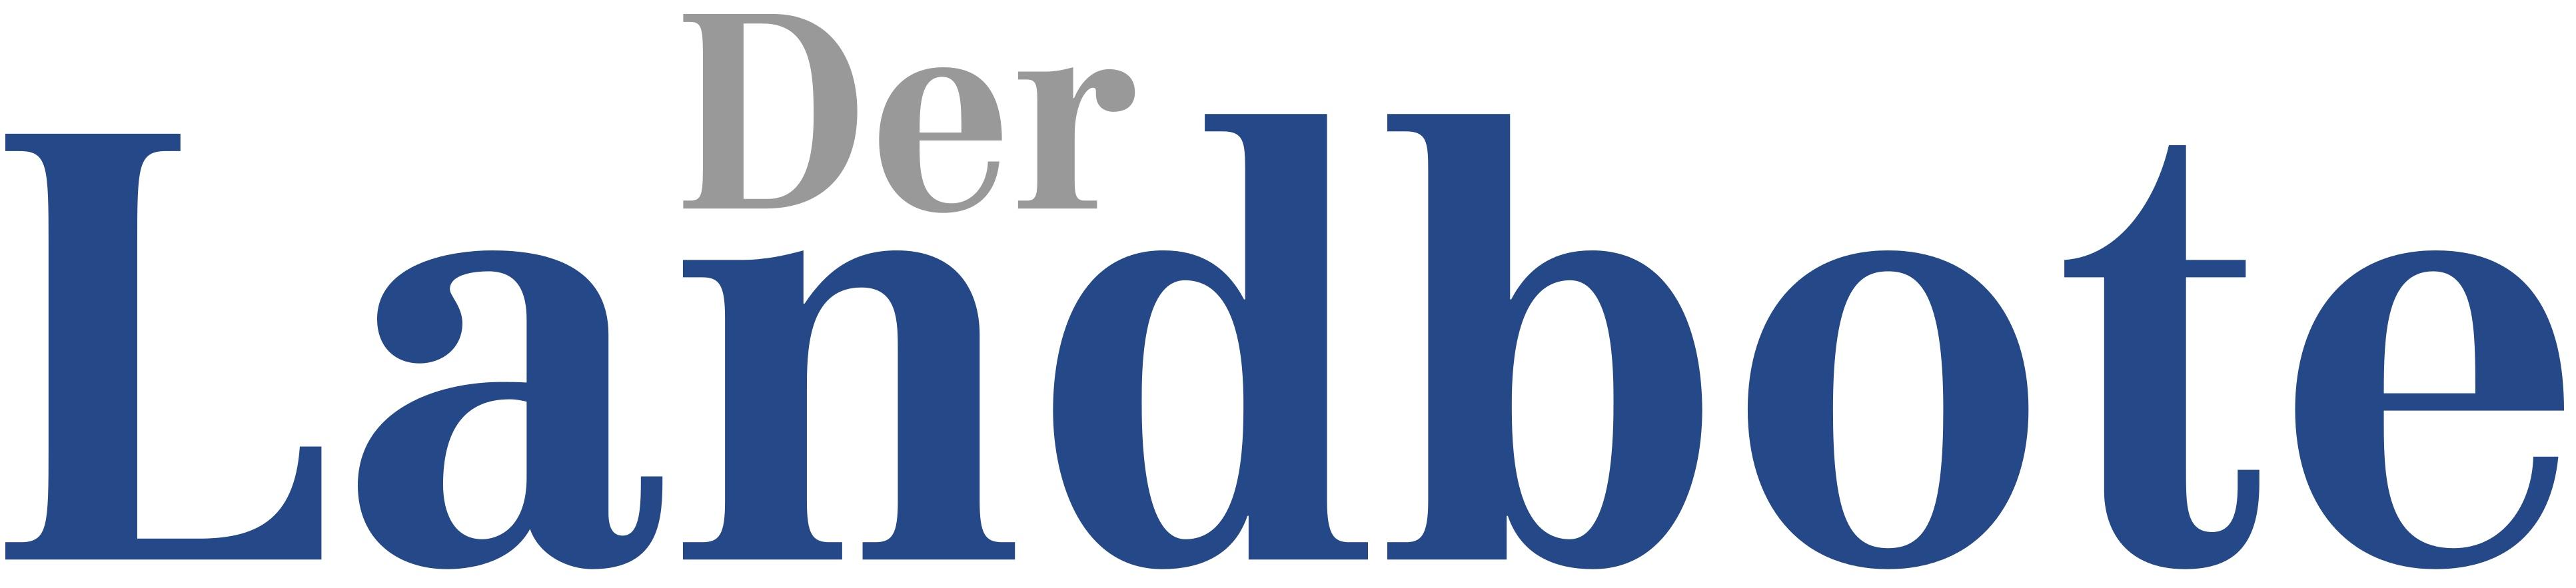 Steiger Legal | Anwaltskanzlei für Recht im digitalen Raum